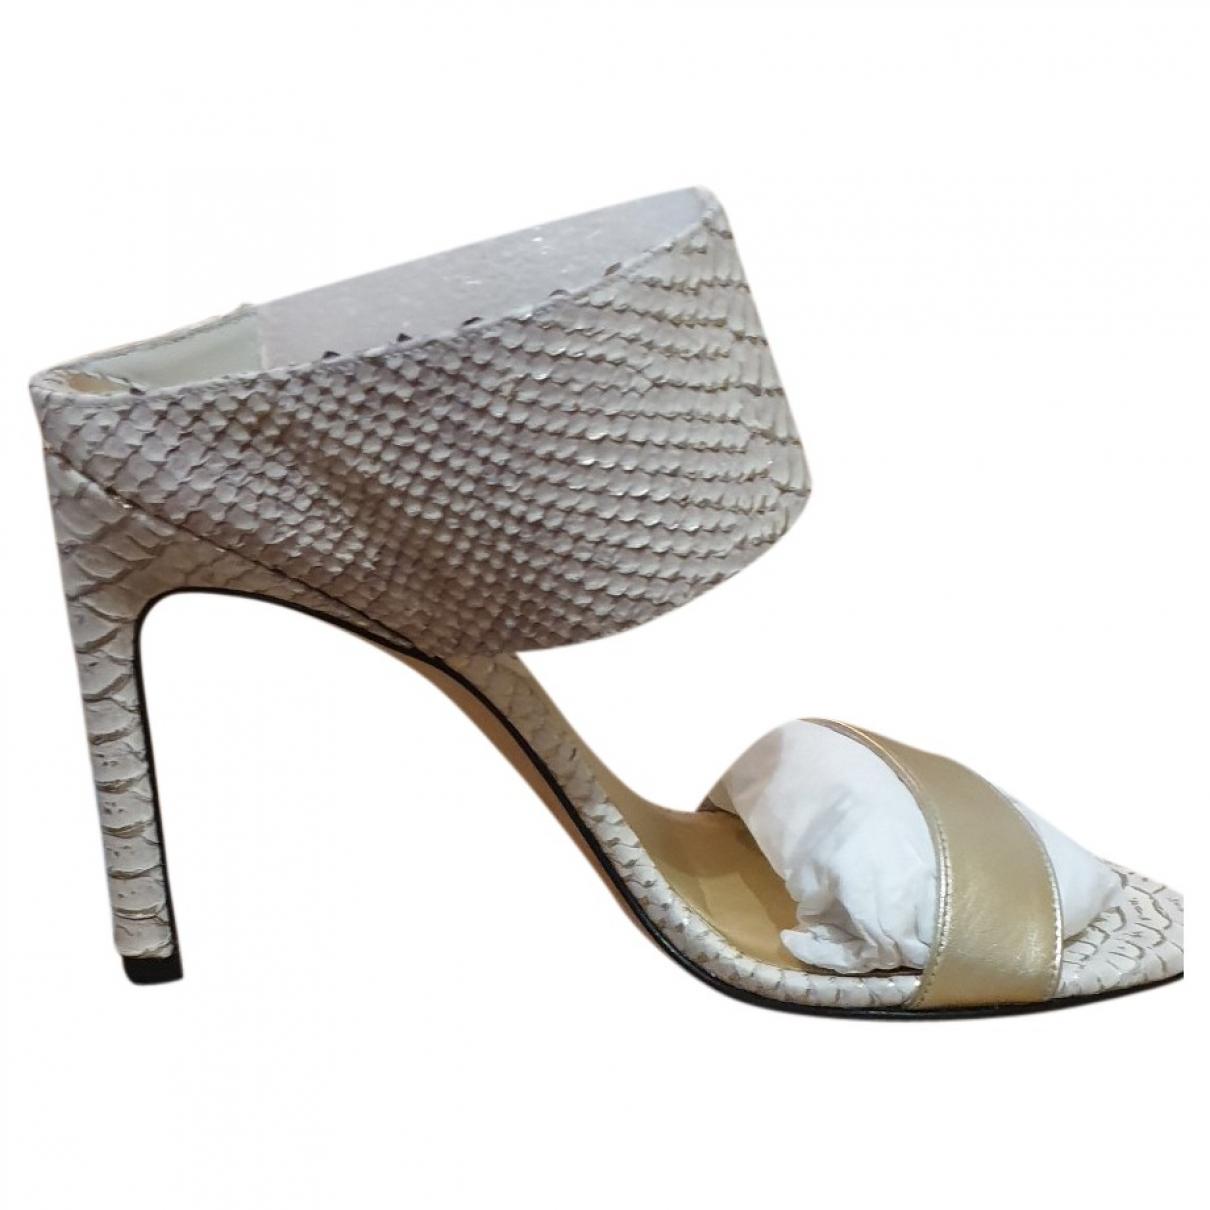 Stuart Weitzman - Sandales   pour femme en cuir exotique - beige